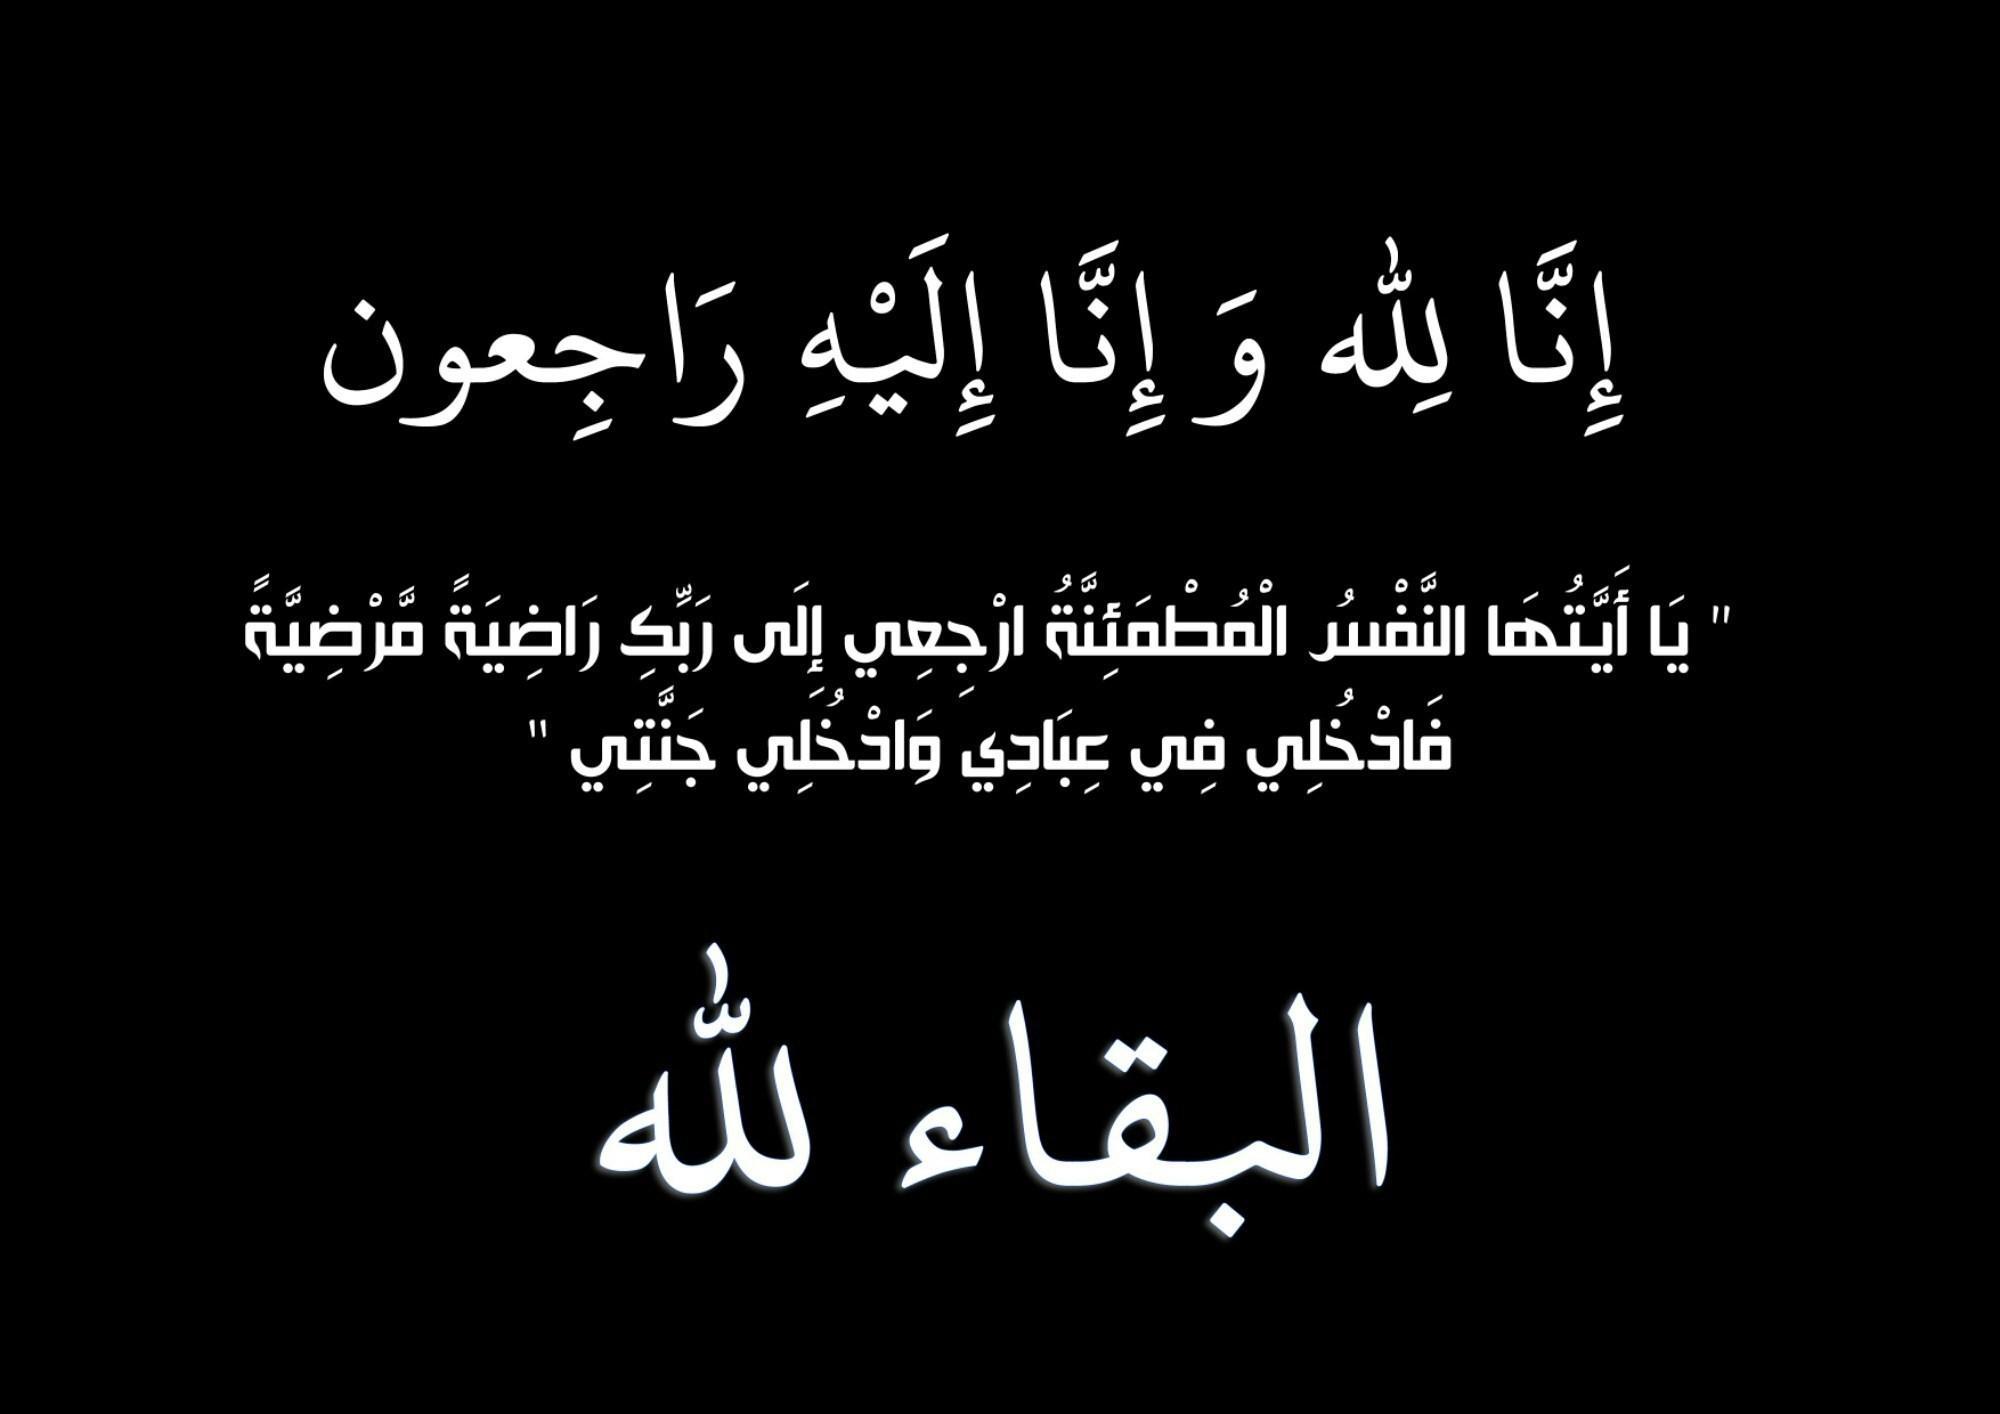 رياض محمود حسن عوده (أبو سمير) في ذمة الله